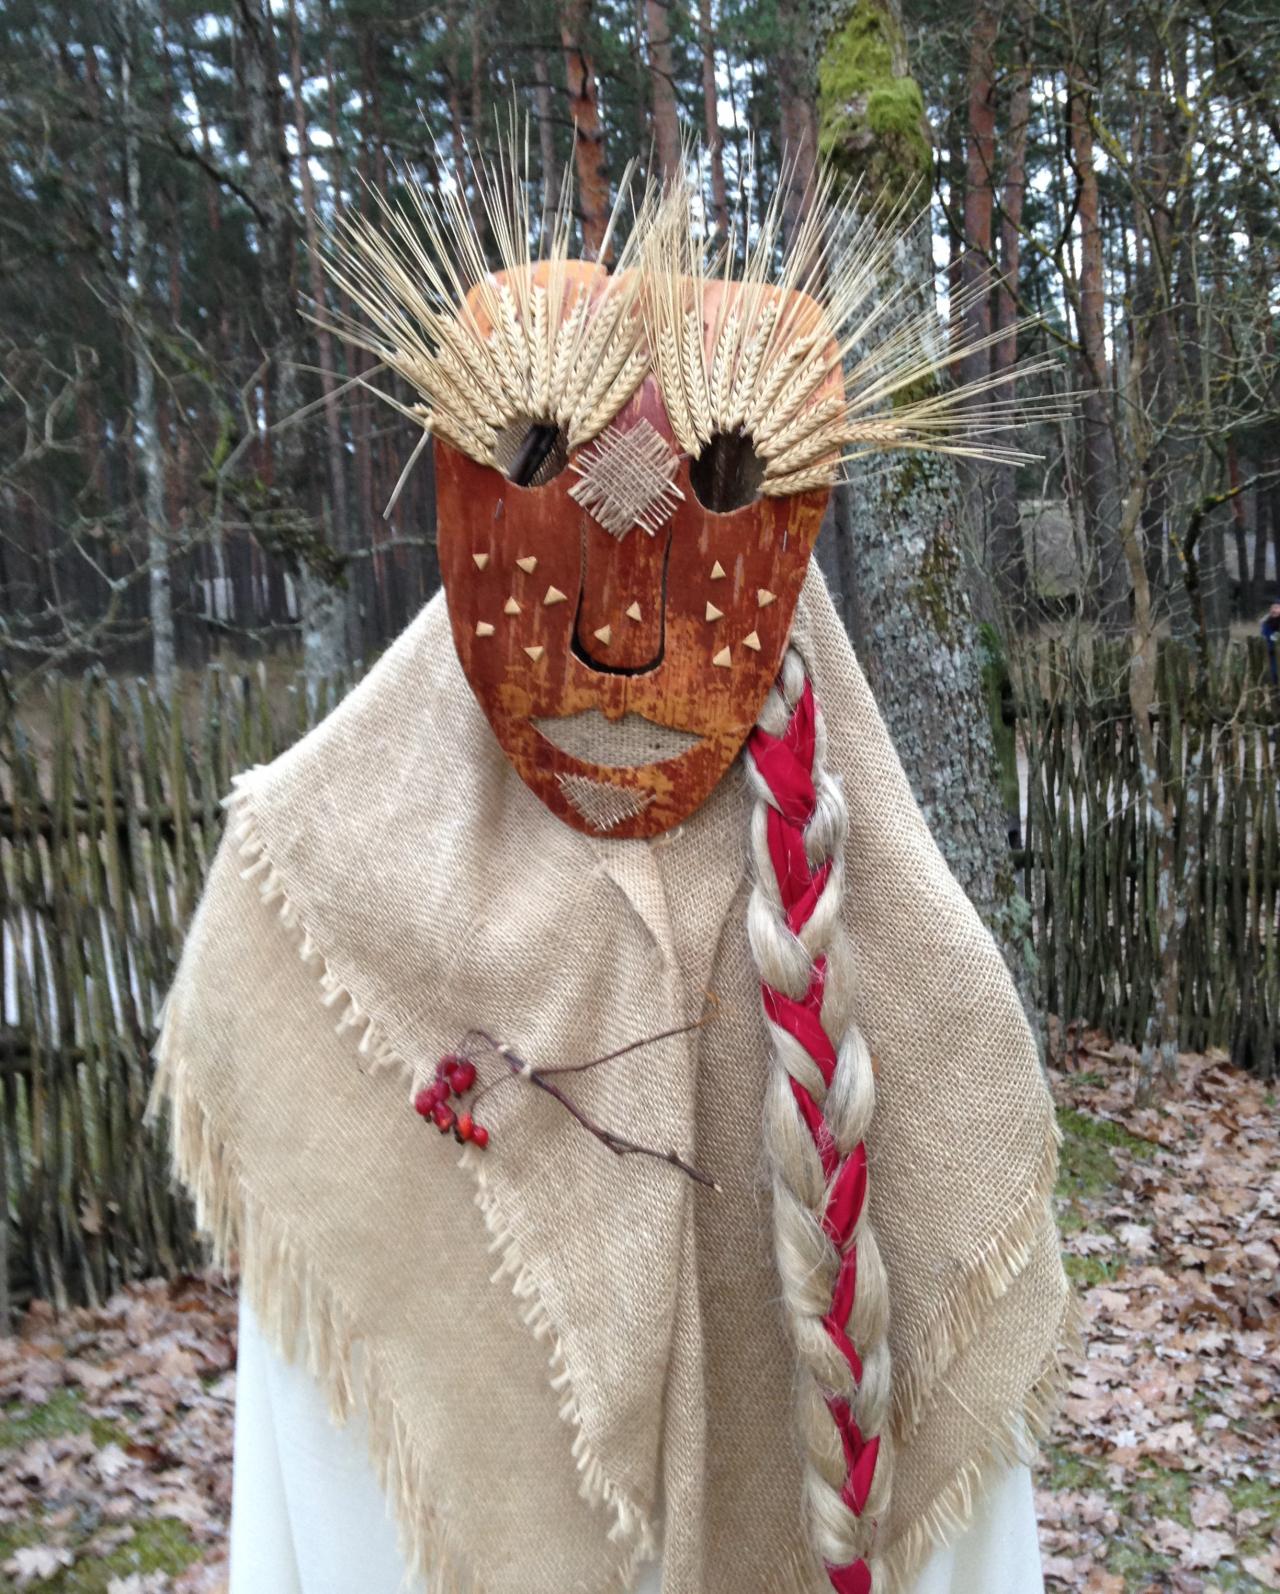 «Tā ir Karlsona māmuķīte latviešu versijā,» smējās KRISTĪNE ŽELVE, ieraugot Brīvdabas muzejā izveidoto lelli, un nosprieda, ka šī būs gana laba profia bilde viņas tvitera kontam.